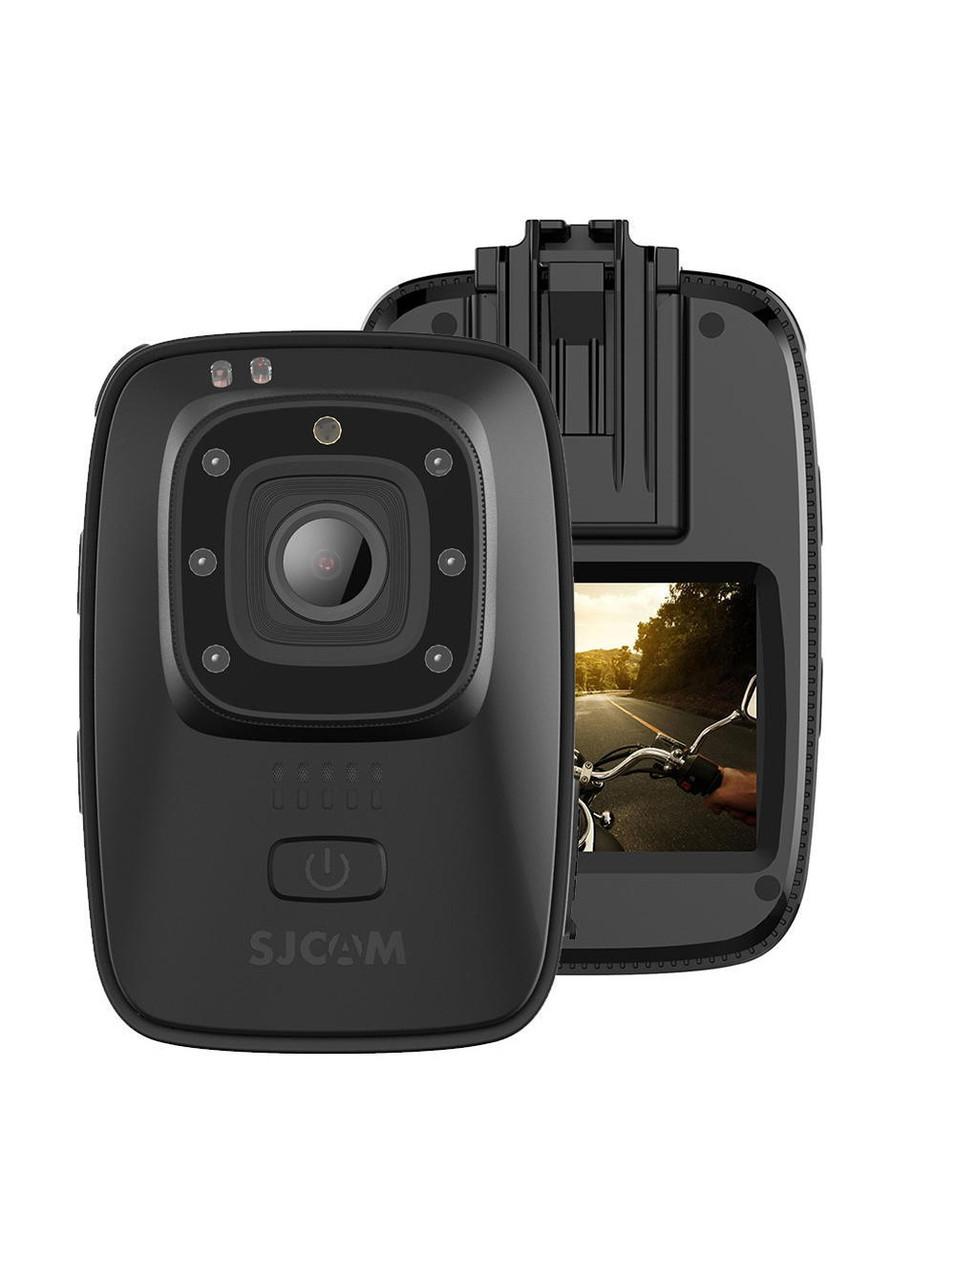 A10 SJCAM нательный видеорегистратор(как у полиции)